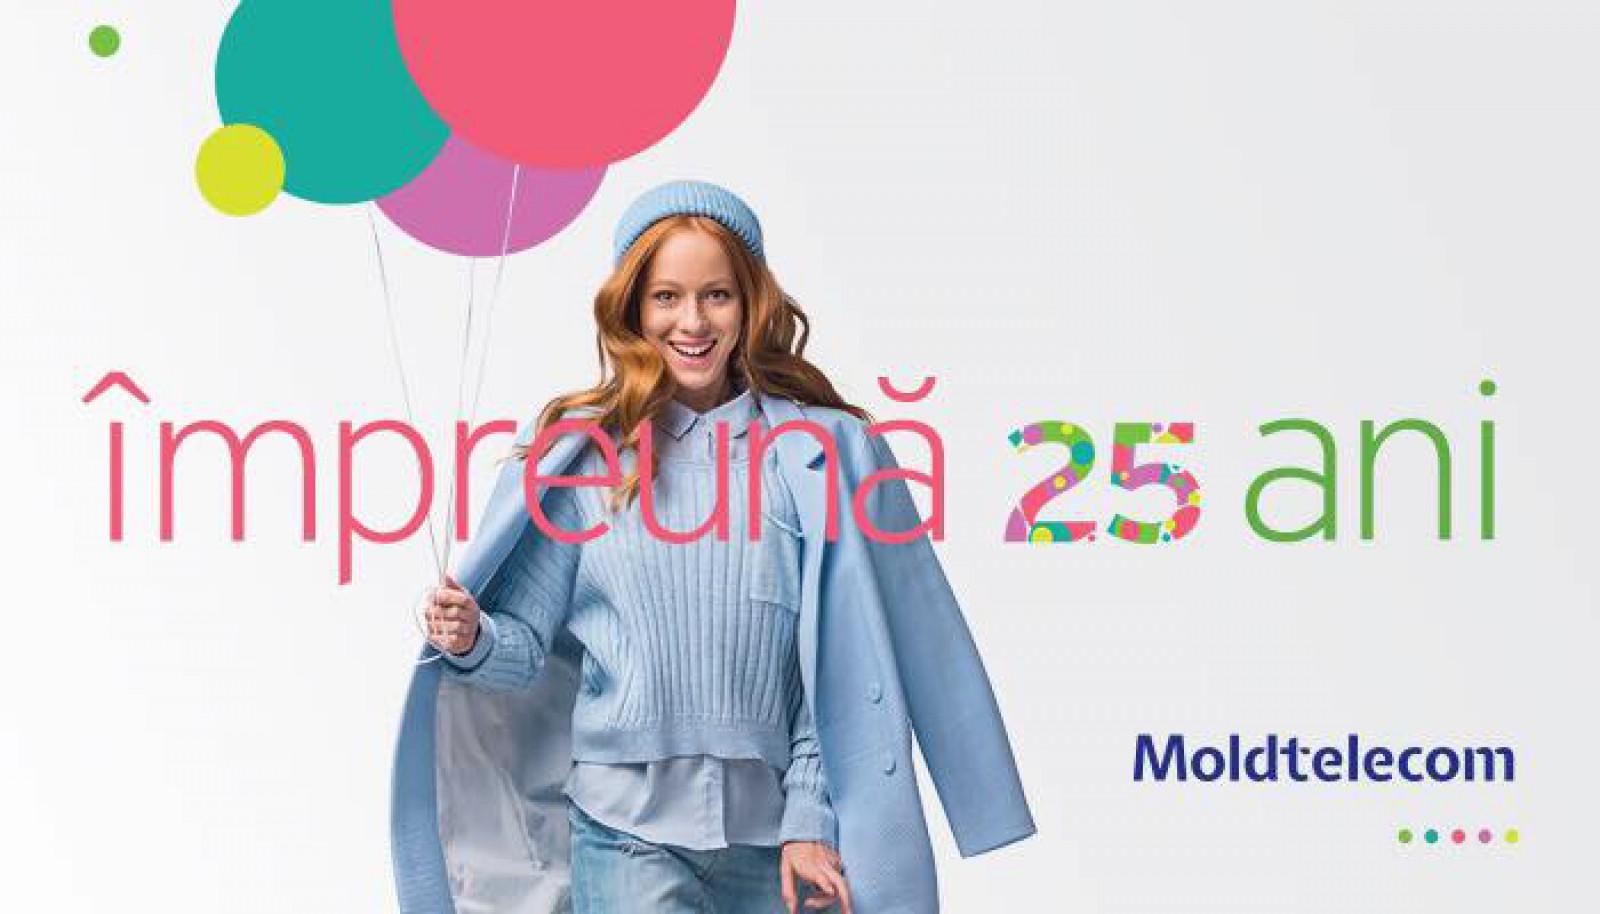 Moldtelecom – 25 de ani în care creăm viitorul împreună